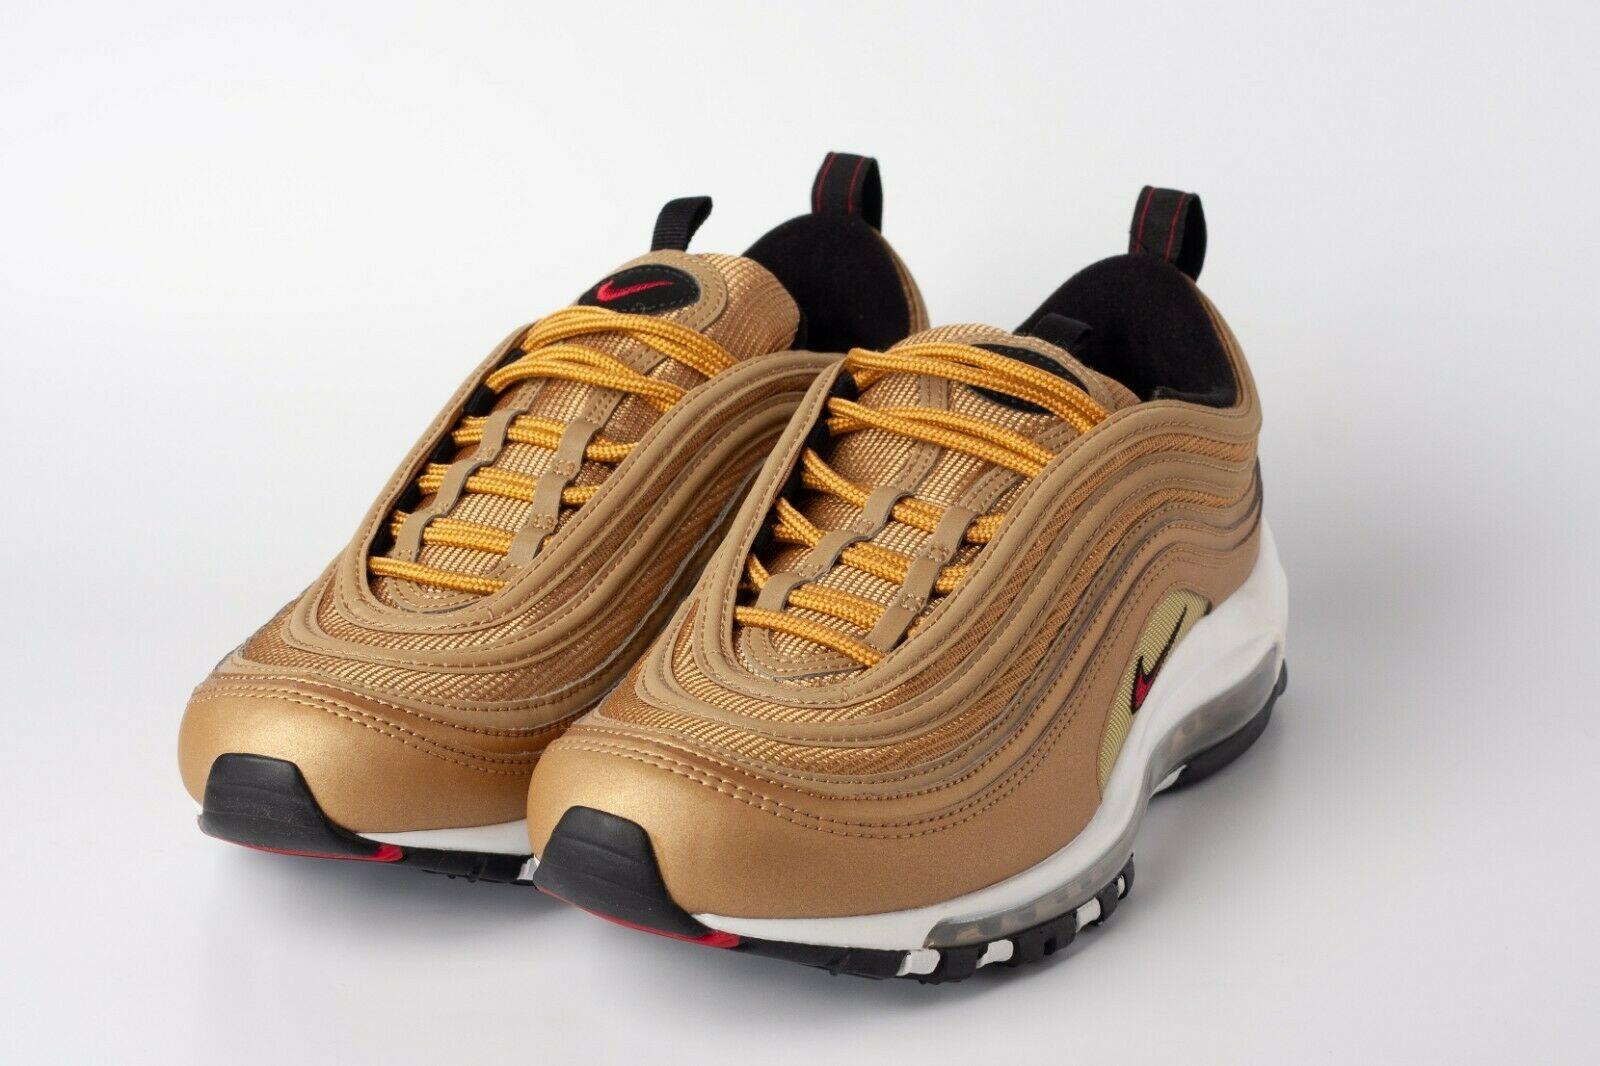 Nike Air Max 97 Og Qs Herren Gold 884421 700